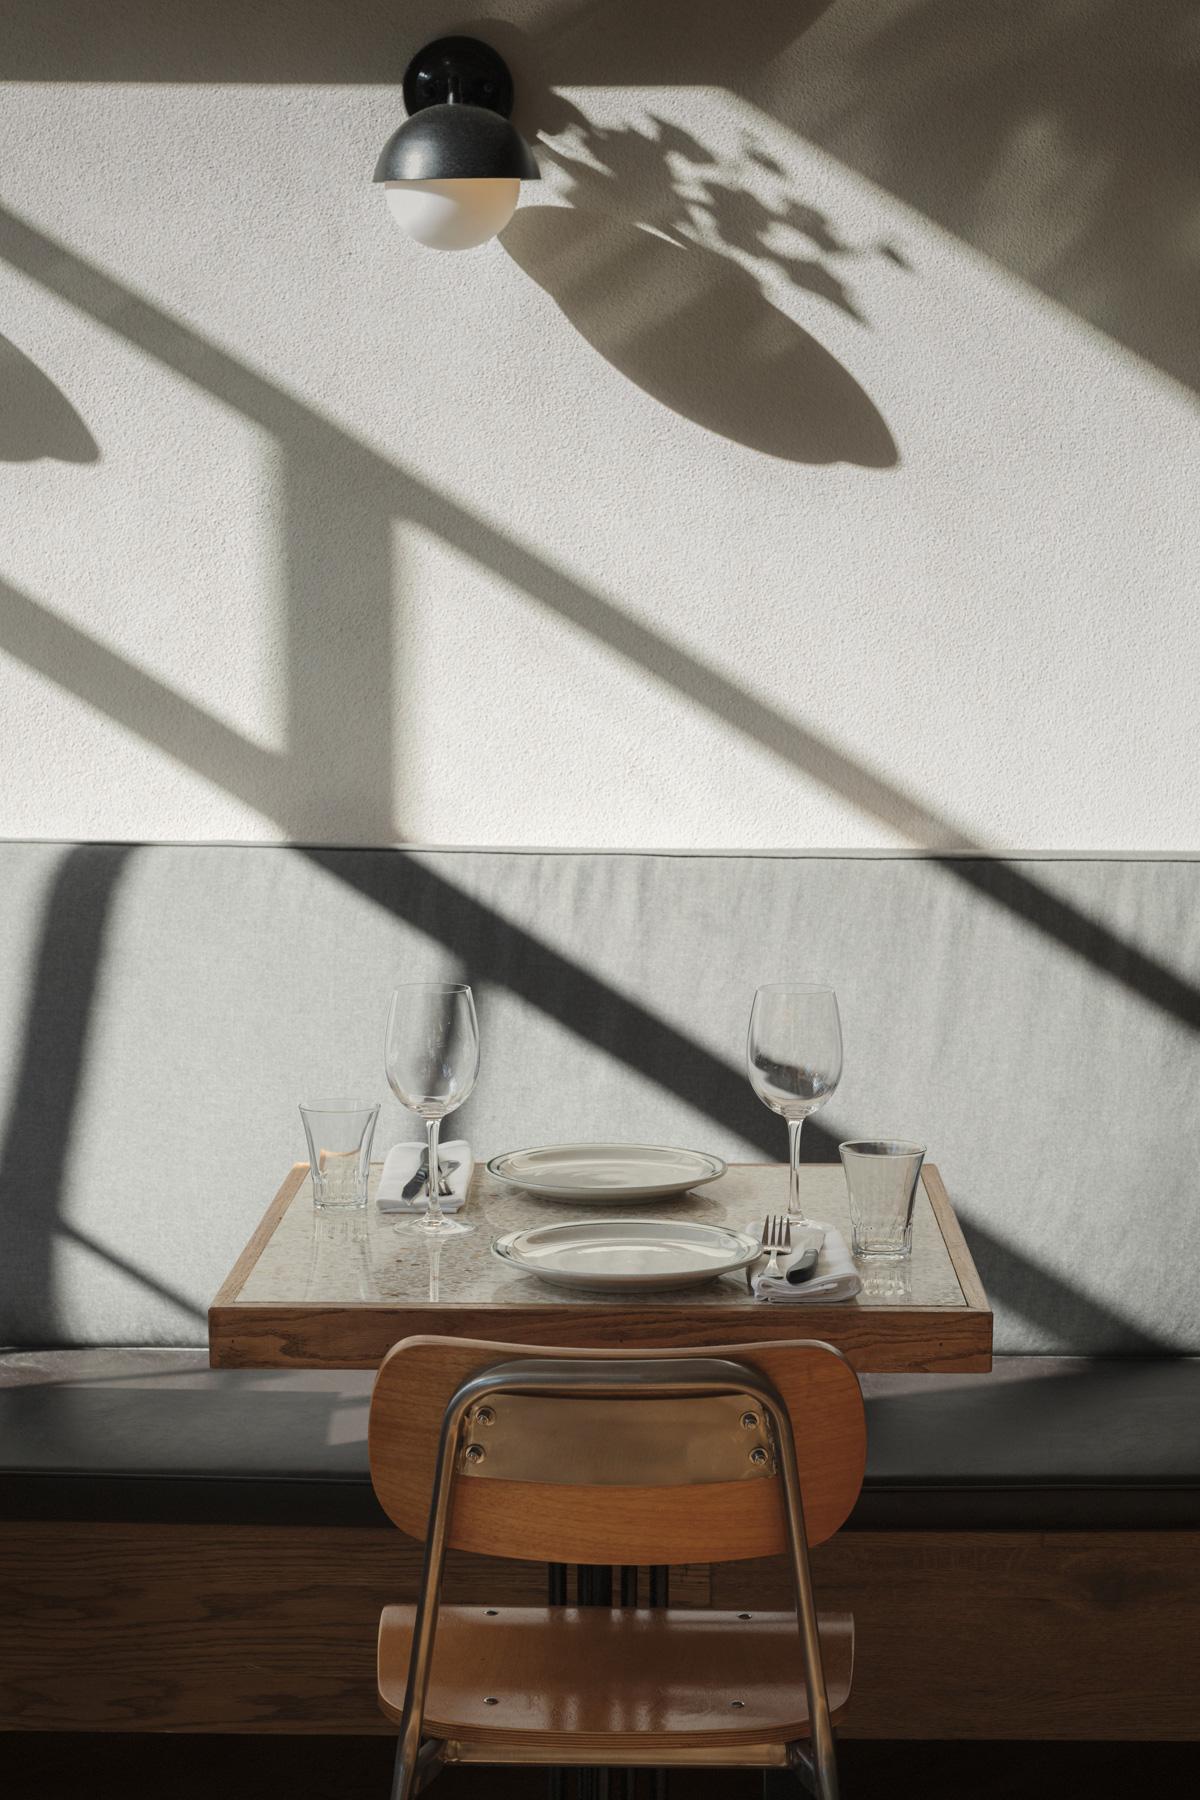 Montesacro-Brooklyn-Michael-Grimm-018.jpg